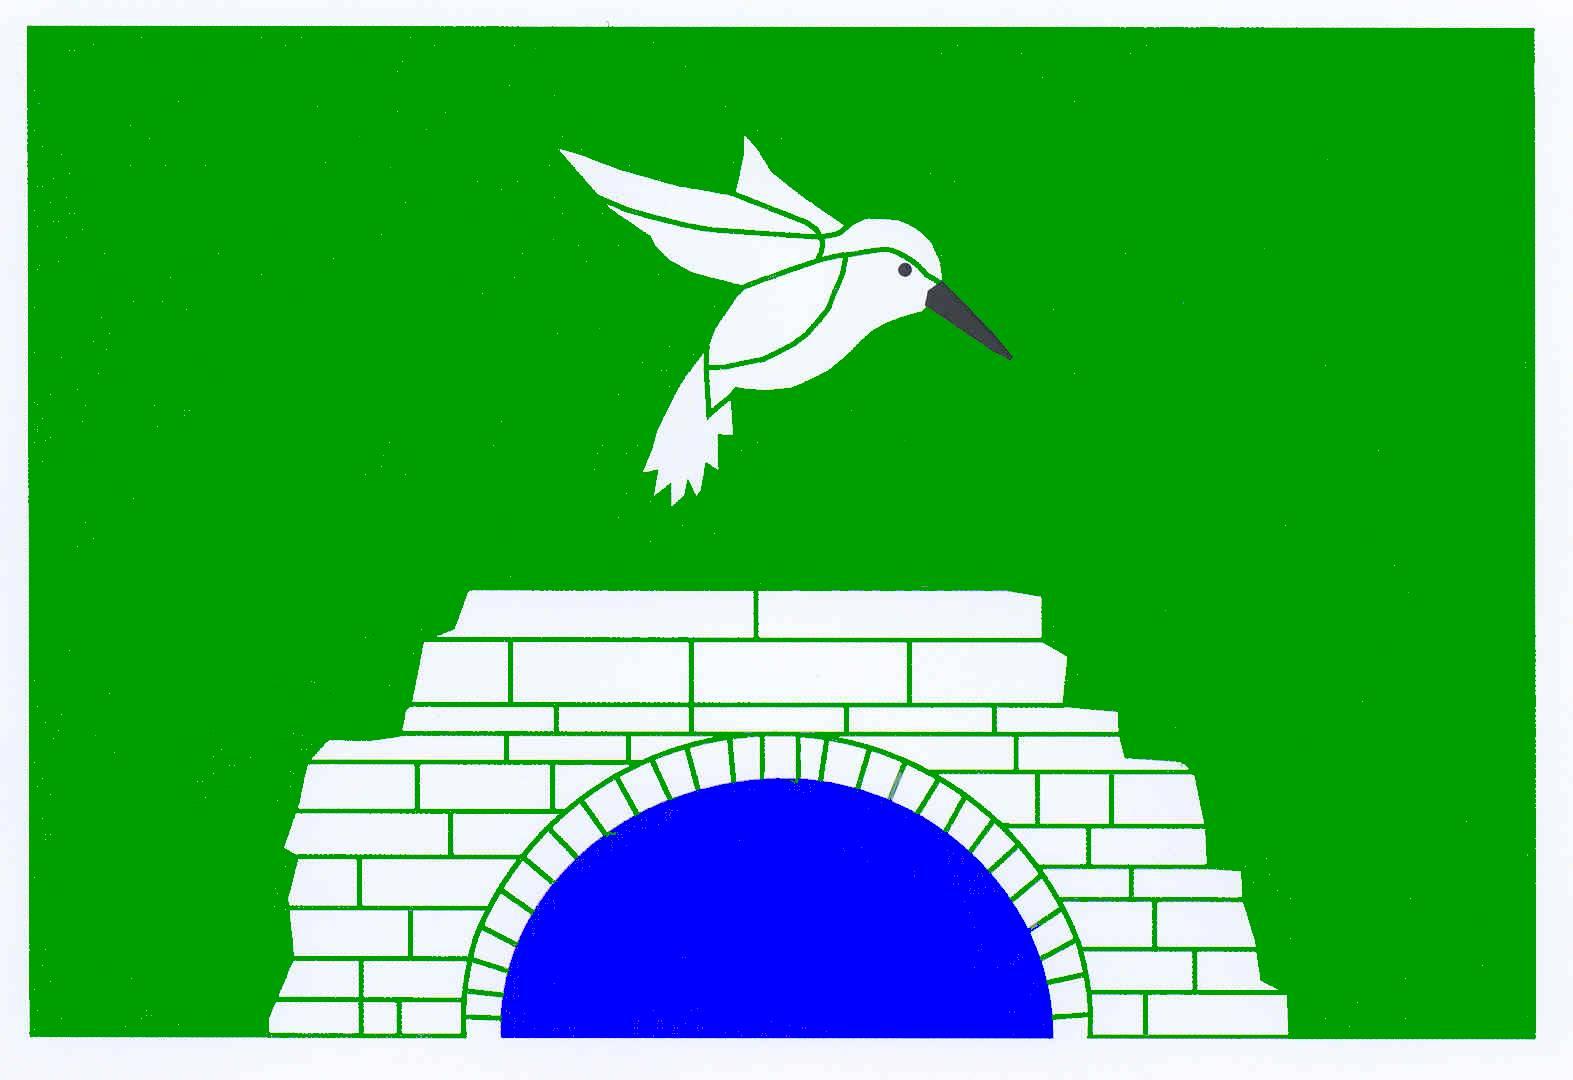 Flagge GemeindeReesdorf II, Kreis Rendsburg-Eckernförde